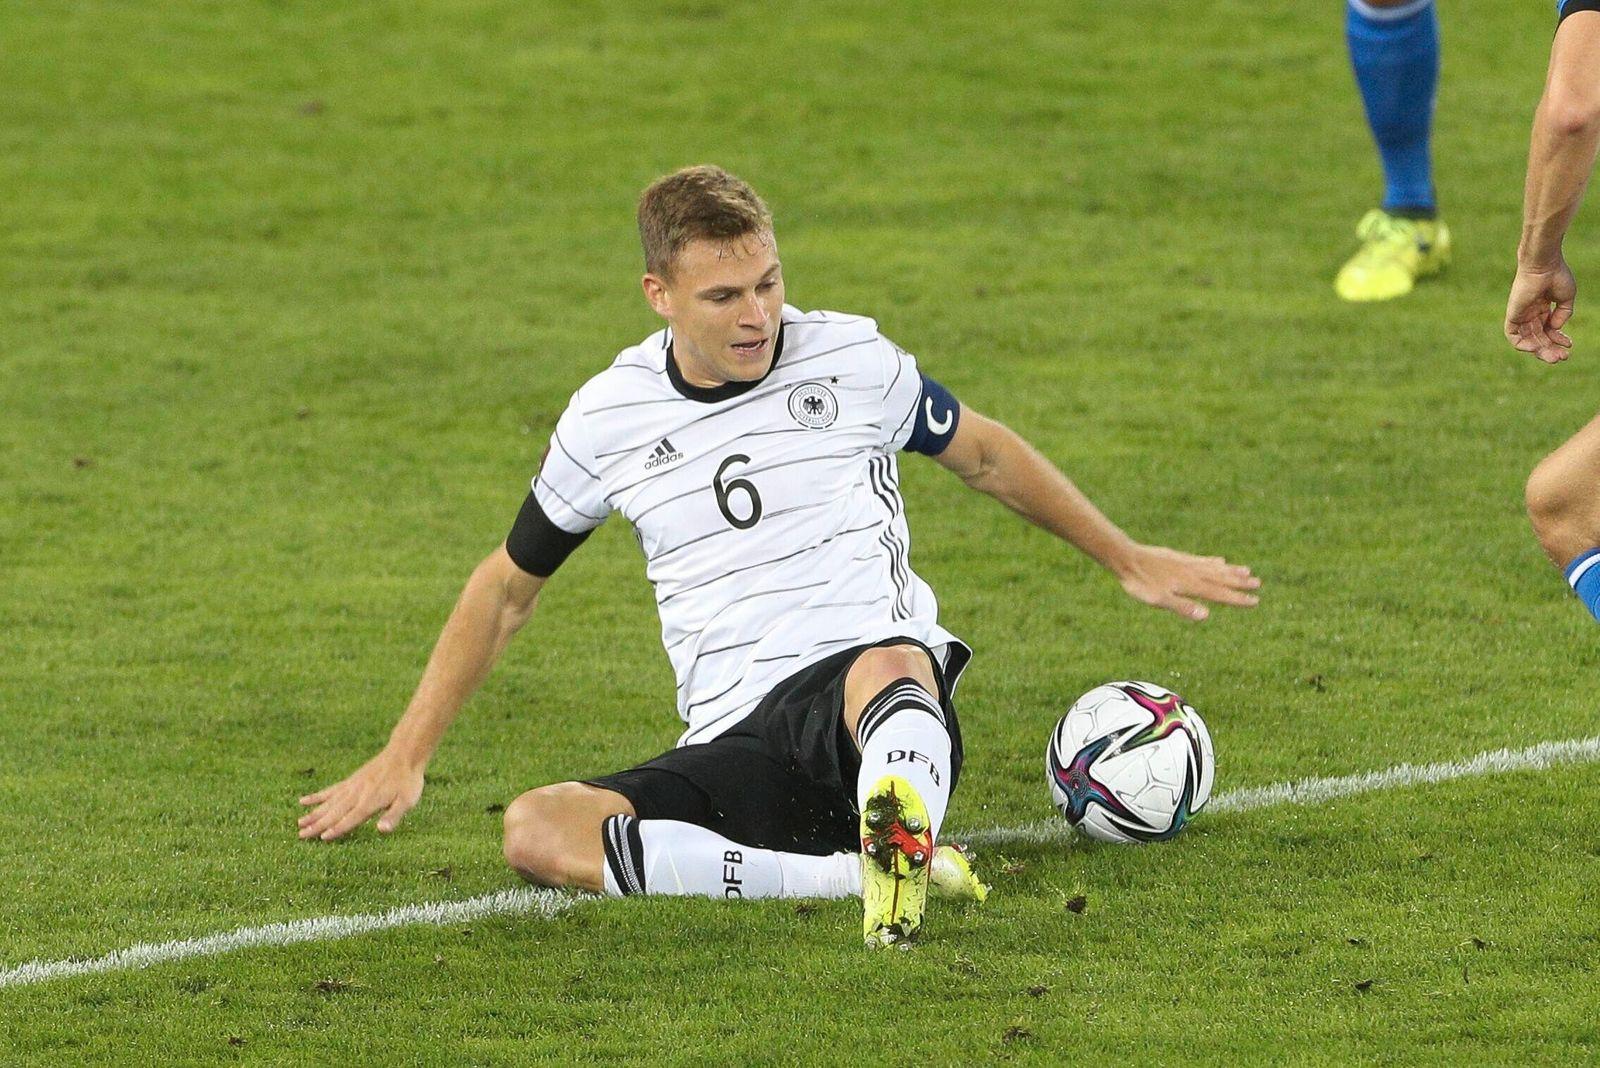 Joshua Kimmich 6 (Deutschland), Liechtenstein vs. Deutschland, WM-Qualifikation, 02.09.2021 Innsbruck Tirol Oesterreich